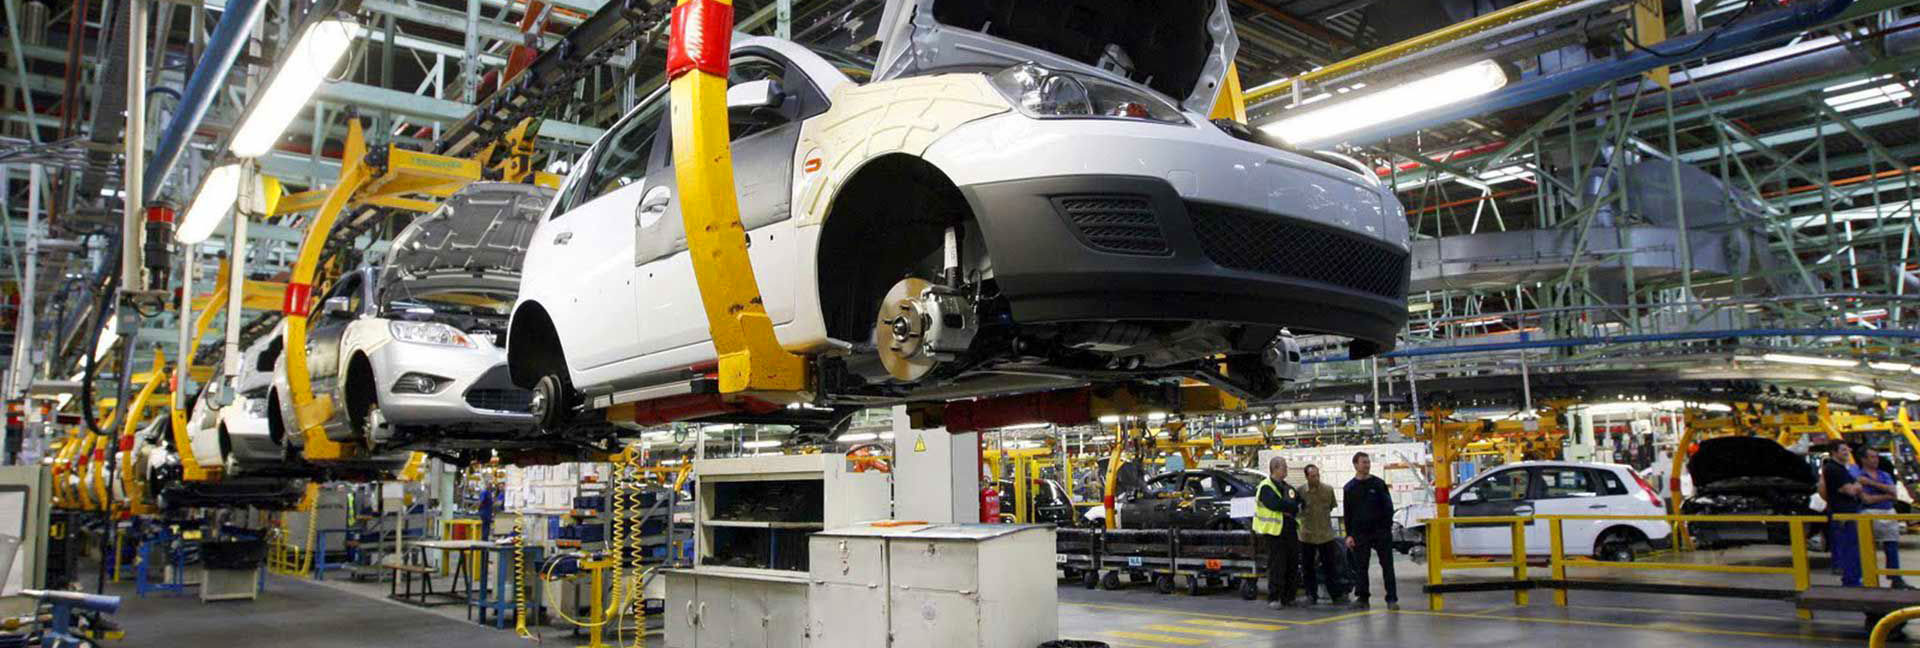 Avtomobilsko testiranje